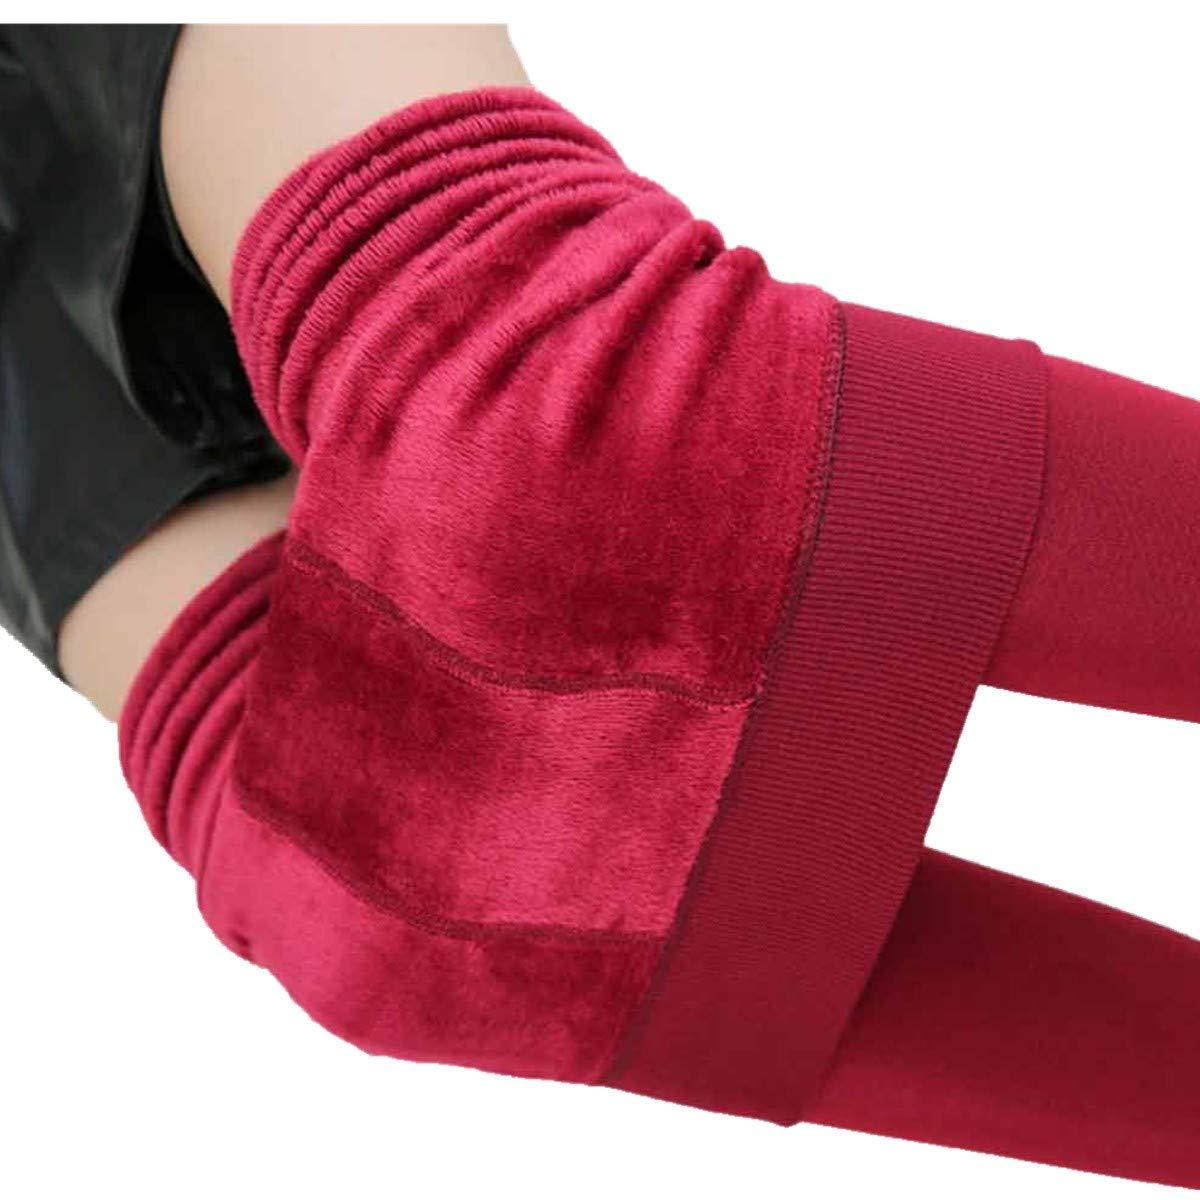 Pantal/ón Mujer de Ba Zha Hei Pantalones El Invierno de Las Mujeres Grueso Grueso c/álido Forrado t/érmico el/ástico Leggings Pantalones Winter Thick Warm Fleece Lined Thermal Stretchy Leggings Pants